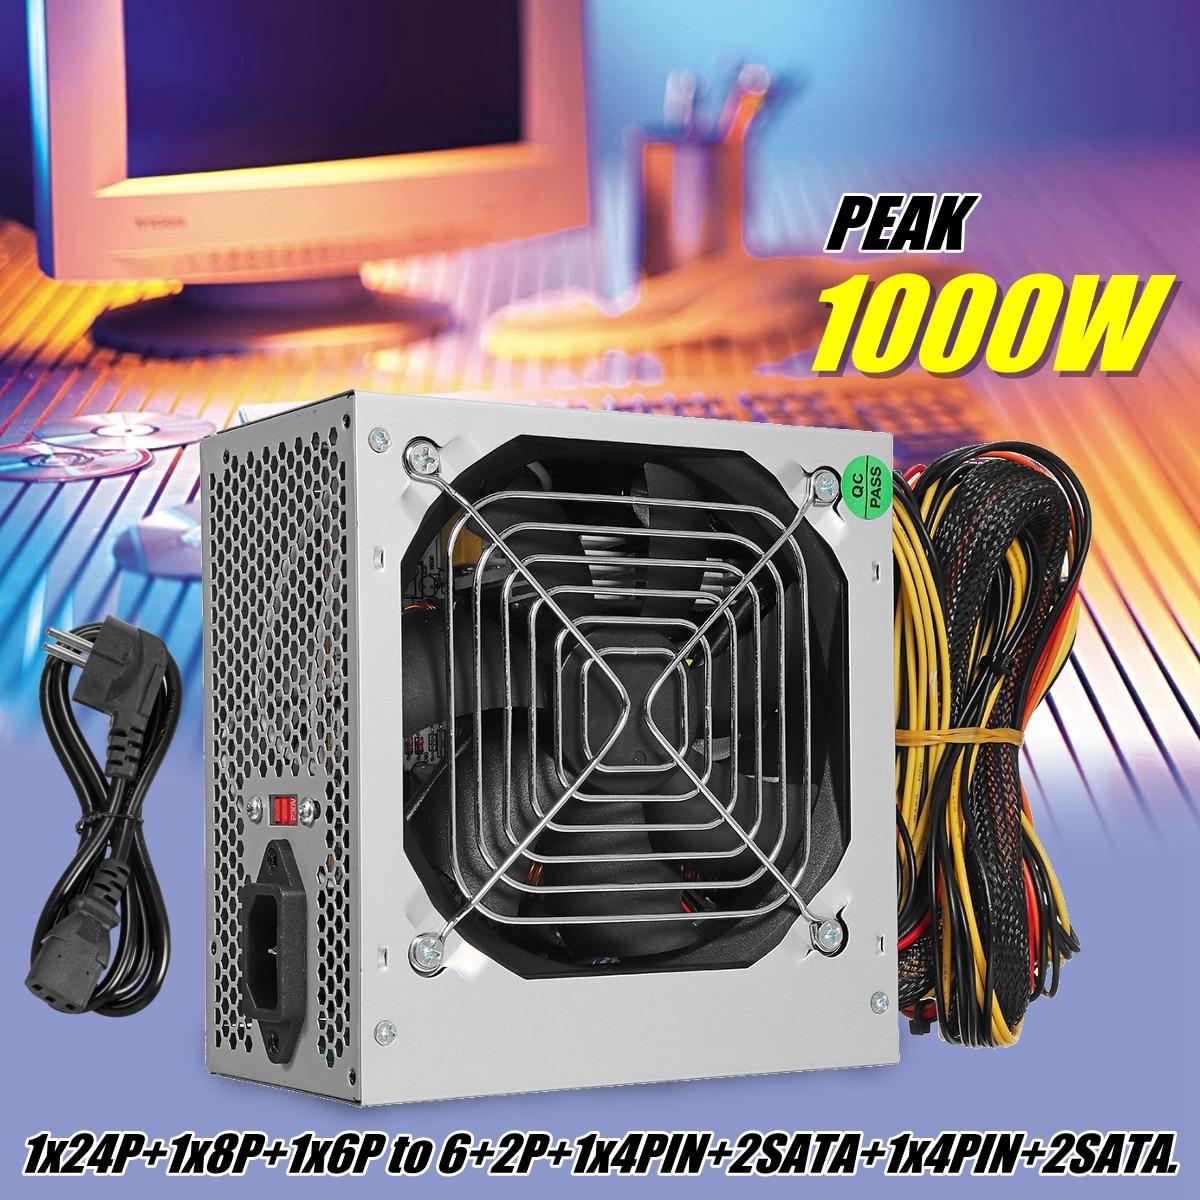 Ventilateur silencieux maximum d'alimentation d'énergie de 1000W ATX pour le mineur d'ordinateur de PC de PSU d'intel AMD